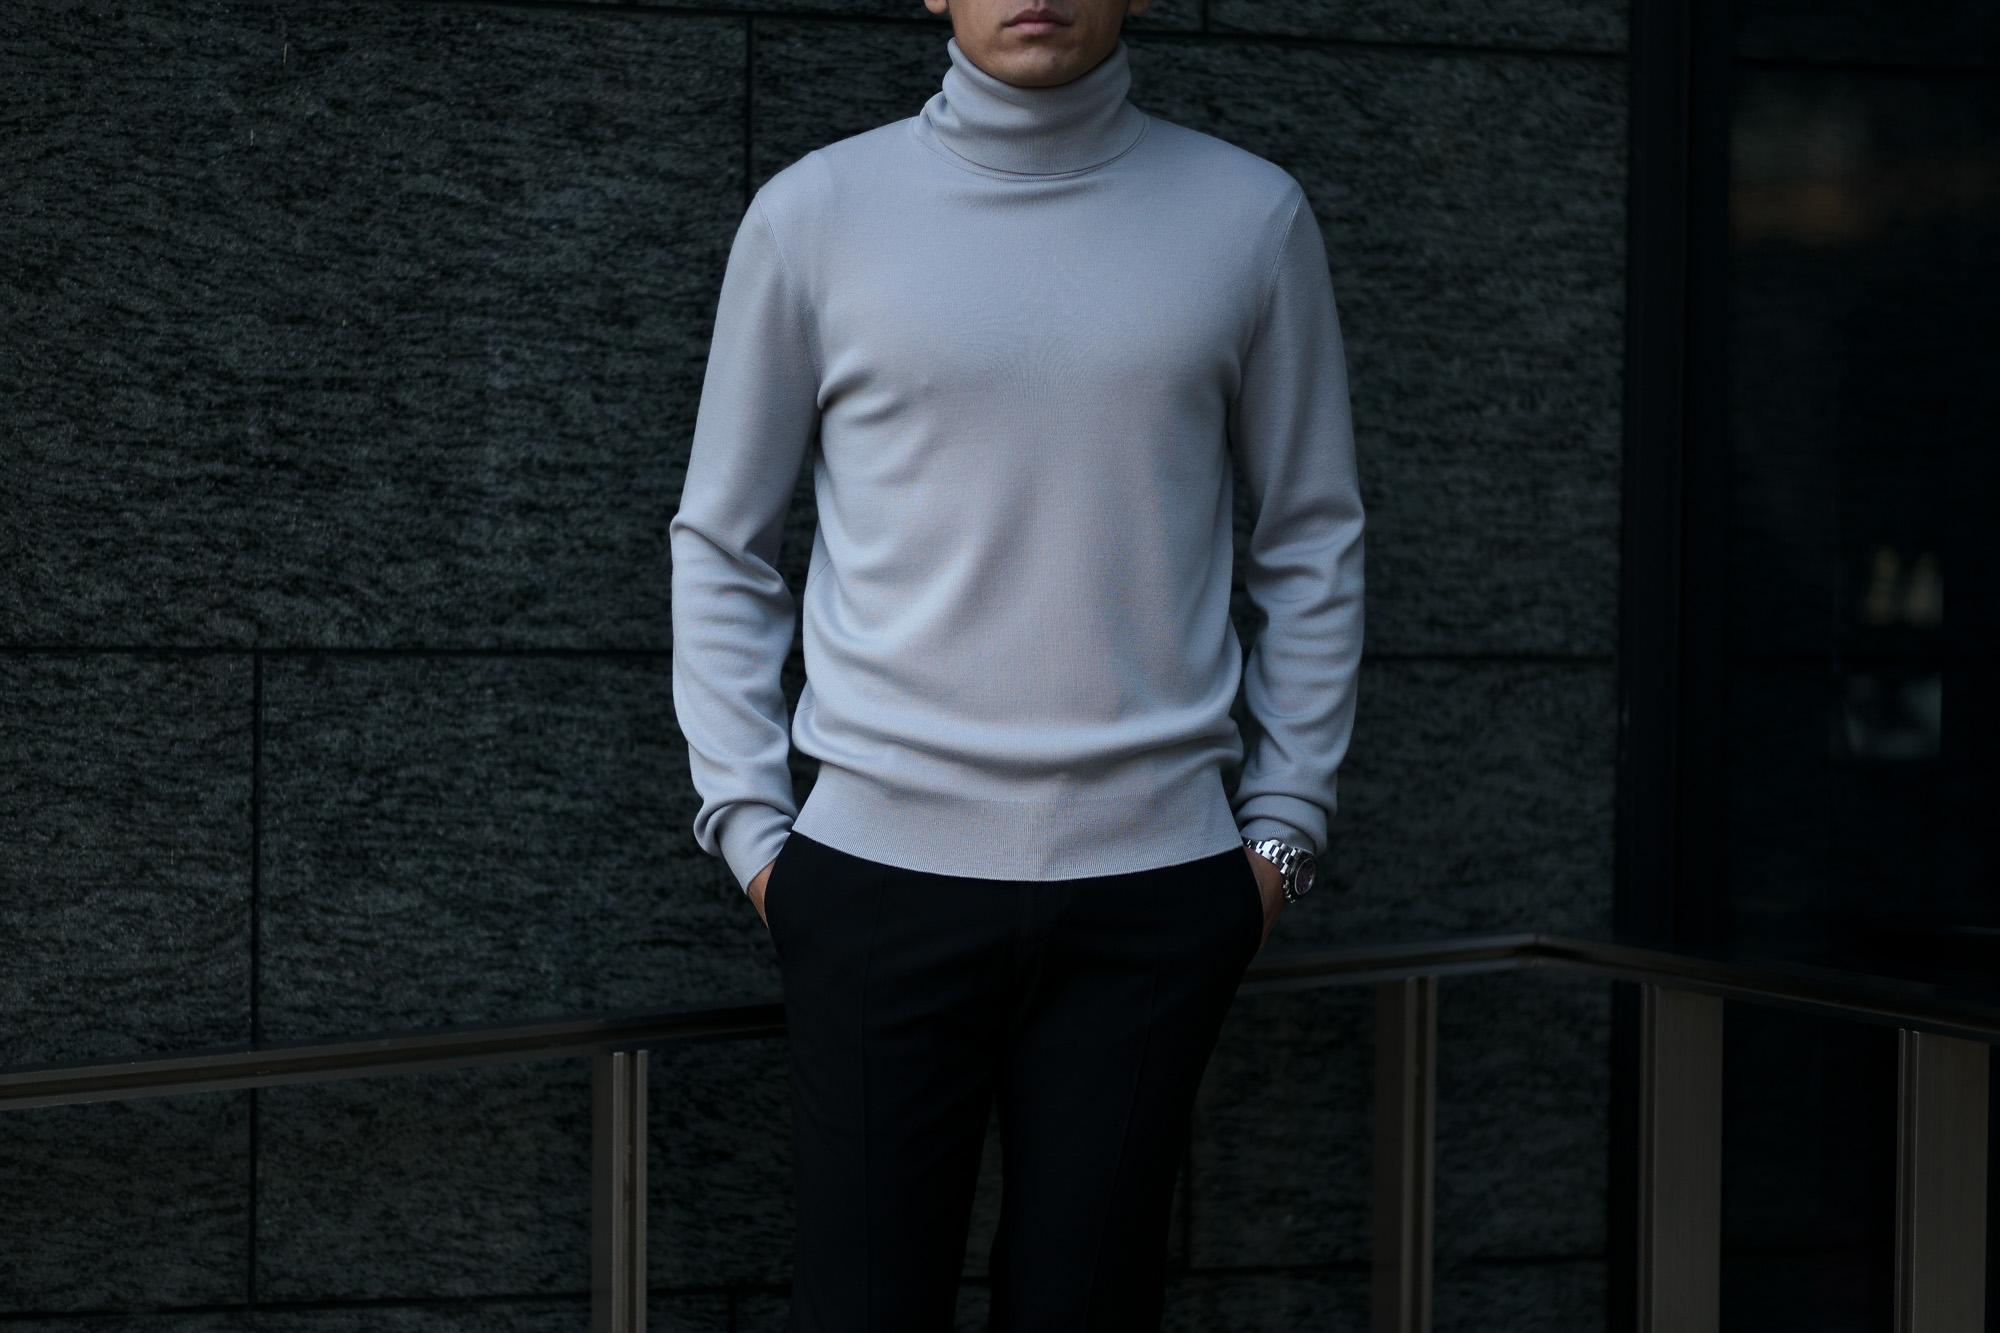 """MANRICO CASHMERE(マンリコカシミア) """"Super Cashmere"""" Turtle Neck Sweater M040 0002 スーパーカシミヤ タートルネック セーター BLACK(ブラック),SNOW WHITE(スノーホワイト),DRESS BLUES(ドレスブルー),ROYAL BLUE(ロイヤルブルー),SABLE(グレージュ),GREY STONE(ダークグレー),AZTEC(ブラウン),CAMEL(キャメル),KOMBU GREEN(グリーン),YELLOW(イエロー),GRENADINE(オレンジ),HIGH RISK RED(ハイリスクレッド) MADE IN ITALY(イタリア製) 2020AW スーパーカシミヤ タートルネック セーター マンリコカシミア スーパーカシミア クルーネックセーター カシミヤ 愛知 名古屋 altoediritto アルトエデリット"""